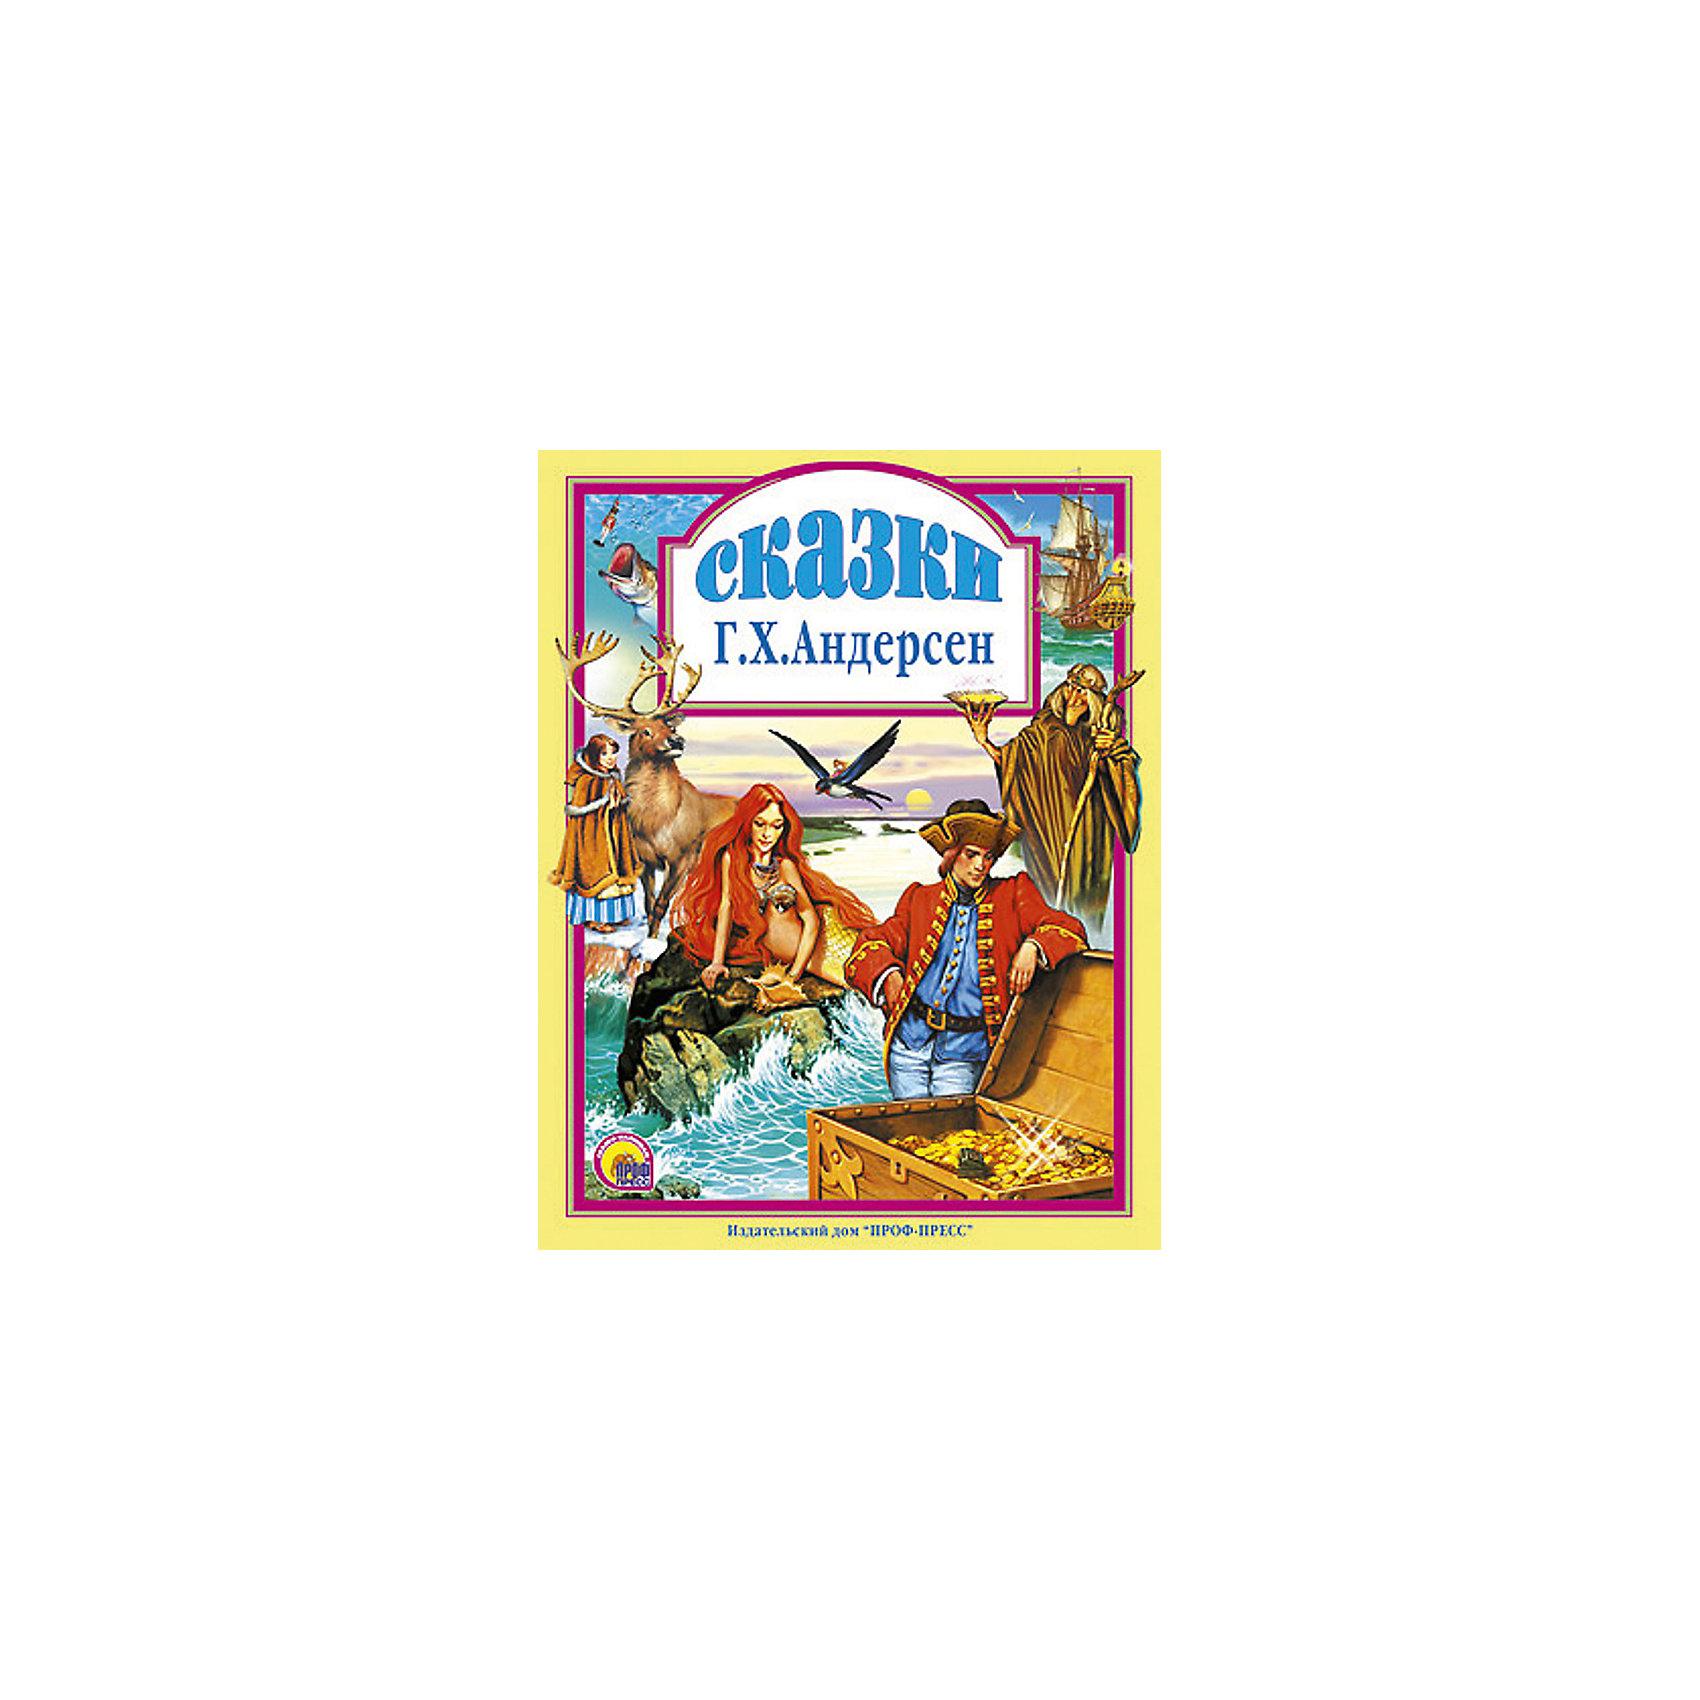 Сказки, Г.Х. АндерсенЗарубежные сказки<br>Книги - это лучший подарок не только взрослым, они помогают детям познавать мир и учиться читать, также книги позволяют ребенку весело проводить время. Они также стимулируют развитие воображения, логики и творческого мышления. Данная серия собрала стихи, рассказы и сказки, проверенные многими поколениями, которые понравятся и современным детям. <br>Это издание очень красиво оформлено, в него вошли самые интересные произведения автора. Яркие картинки обязательно понравятся малышам! Книга сделана из качественных и безопасных для детей материалов. <br><br>Содержание: <br>«Гадкий утёнок»<br> «Русалочка»<br>«Оловянный солдатик»<br>«Дюймовочка»<br>«Снежная Королева»<br>«Новое платье короля»<br>«Огниво»<br> <br>Дополнительная информация:<br>размер: 200х265 мм;<br>вес: 441 г.<br><br>Книгу Сказки Андерсена от издательства Проф-Пресс можно купить в нашем магазине.<br><br>Ширина мм: 200<br>Глубина мм: 13<br>Высота мм: 265<br>Вес г: 441<br>Возраст от месяцев: 0<br>Возраст до месяцев: 60<br>Пол: Унисекс<br>Возраст: Детский<br>SKU: 4787333